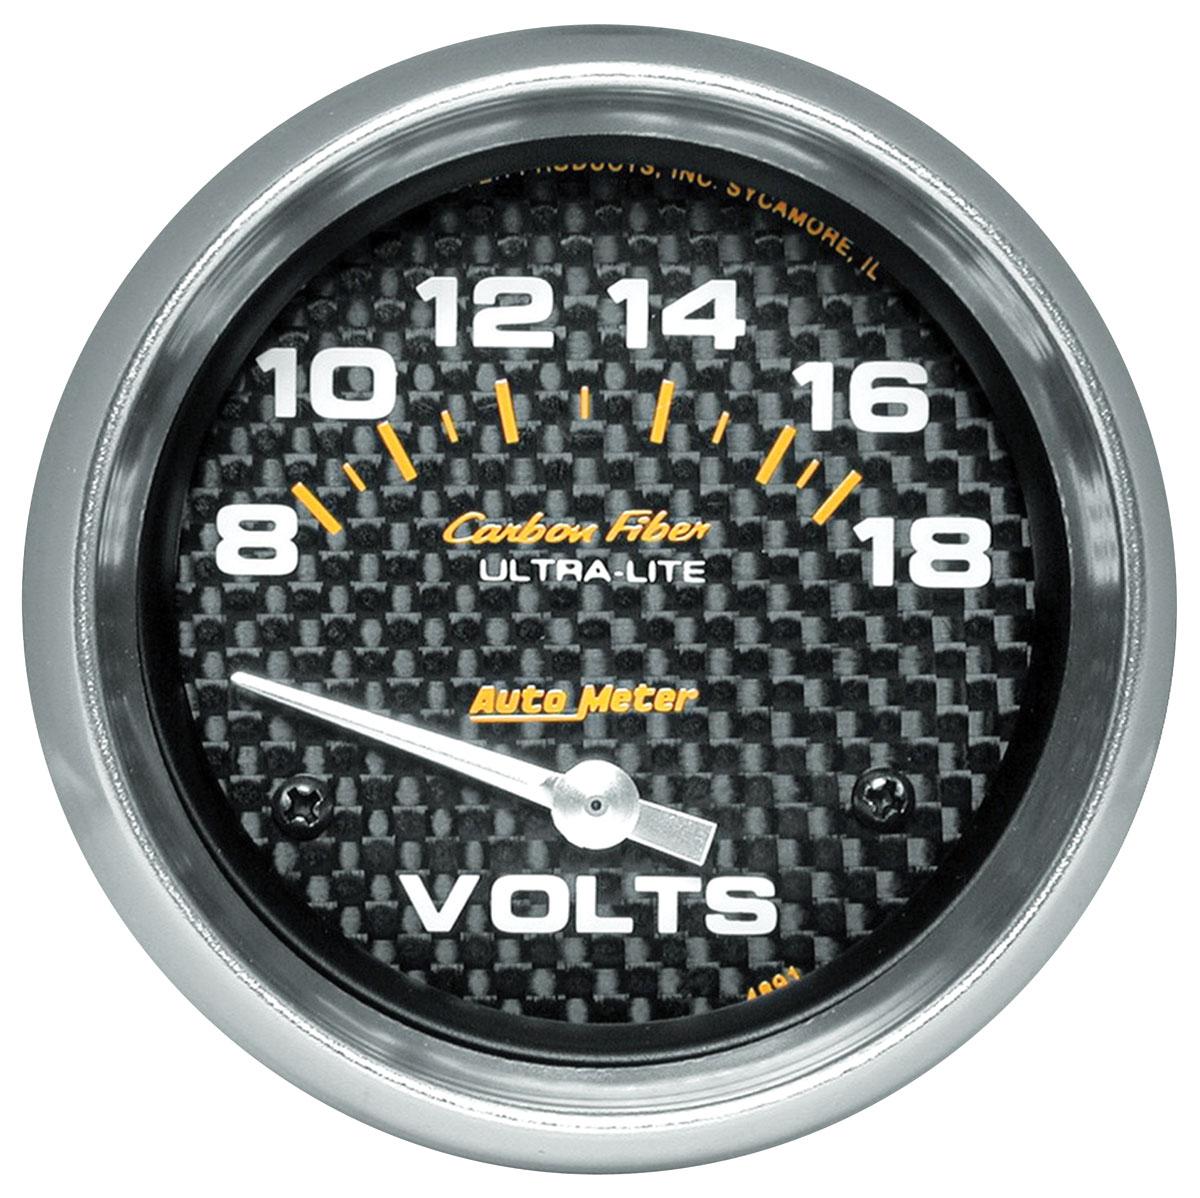 Gauge, Voltmeter, Auto Meter, Carbon Fiber, 2-5/8